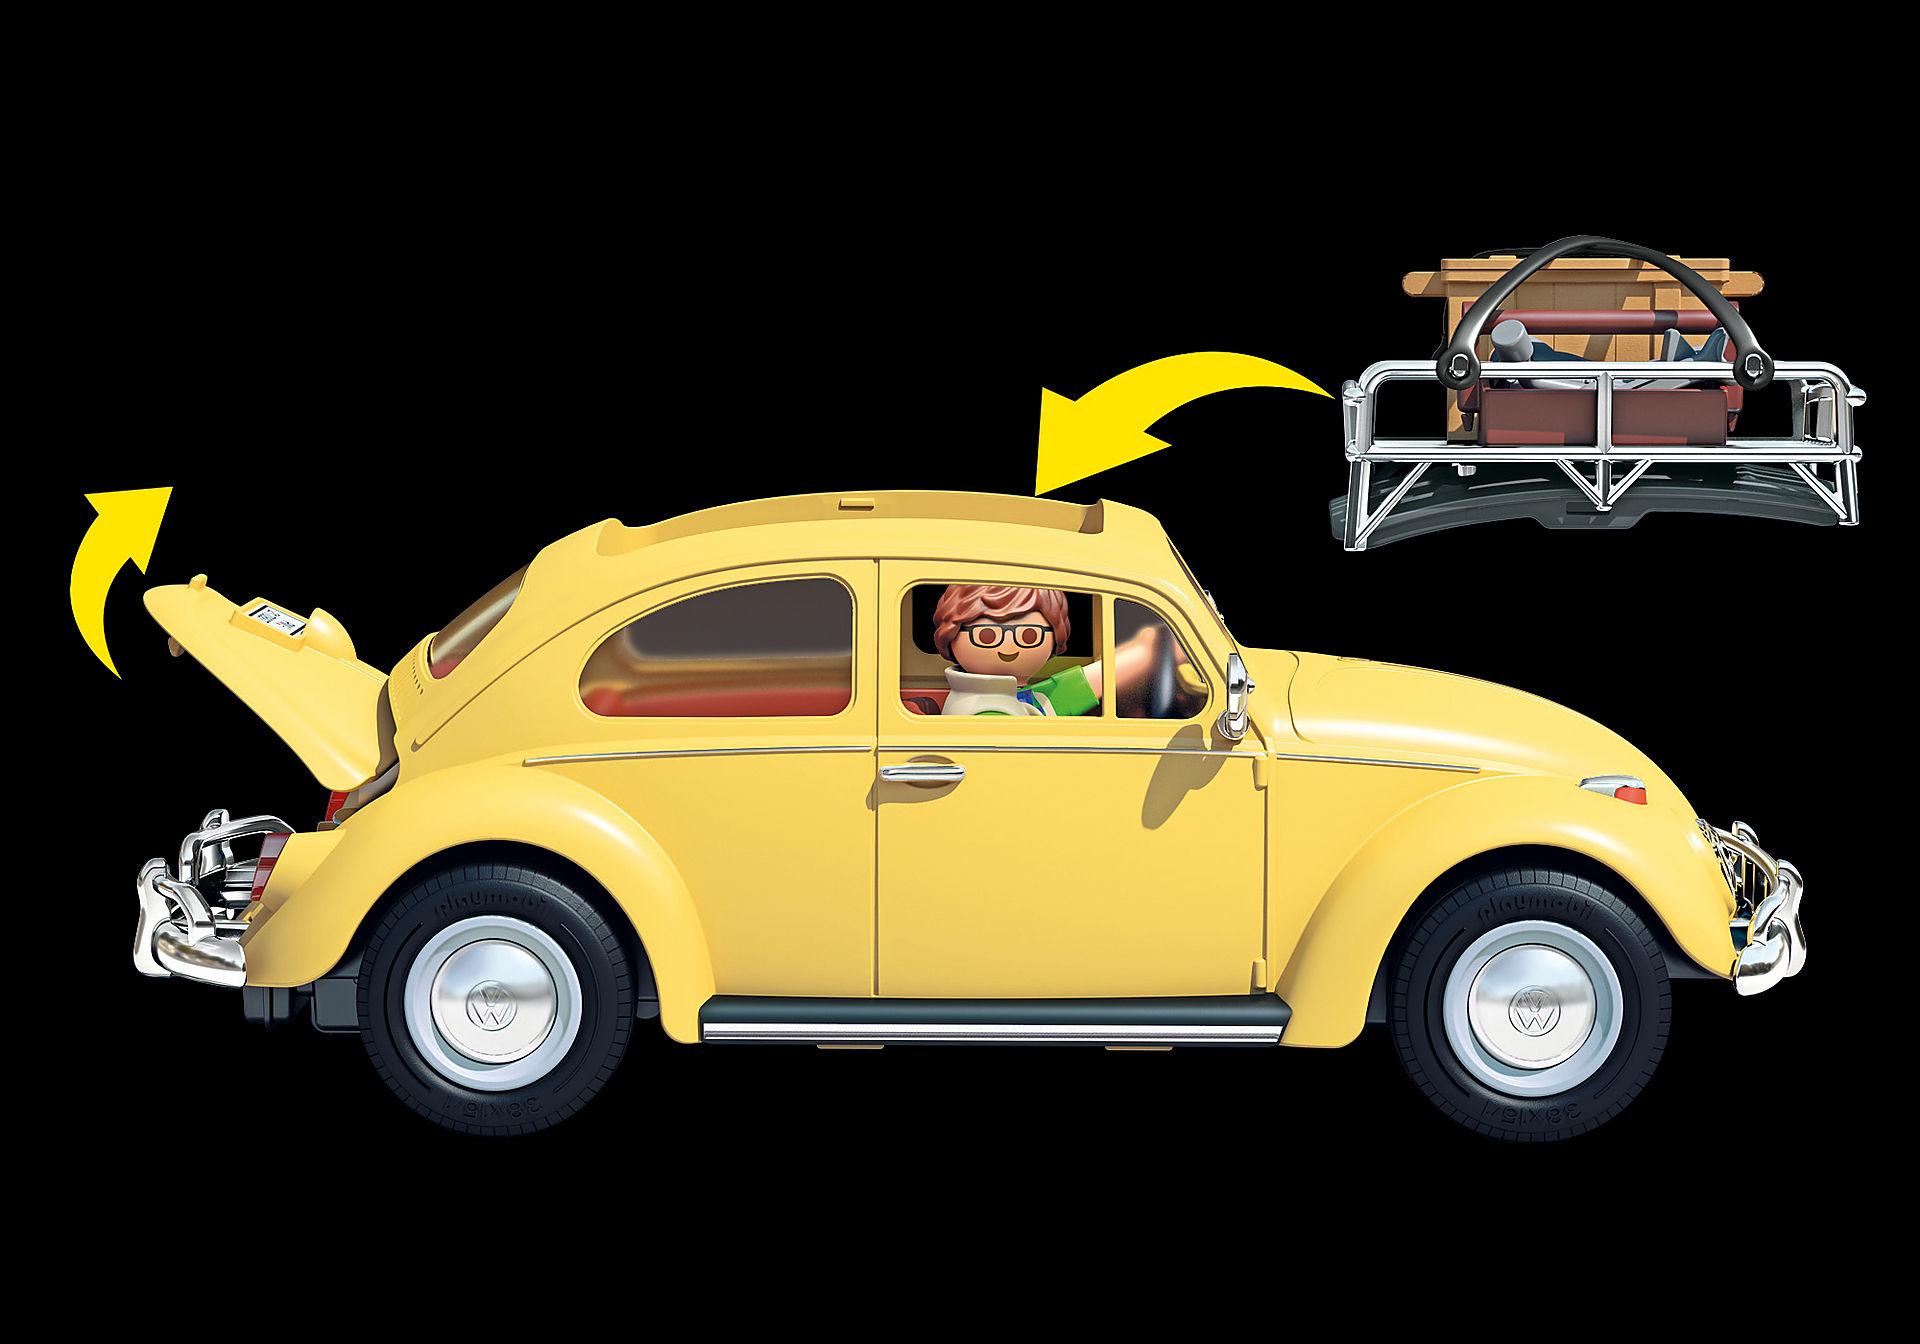 70827 Volkswagen Beetle - Edición especial zoom image5